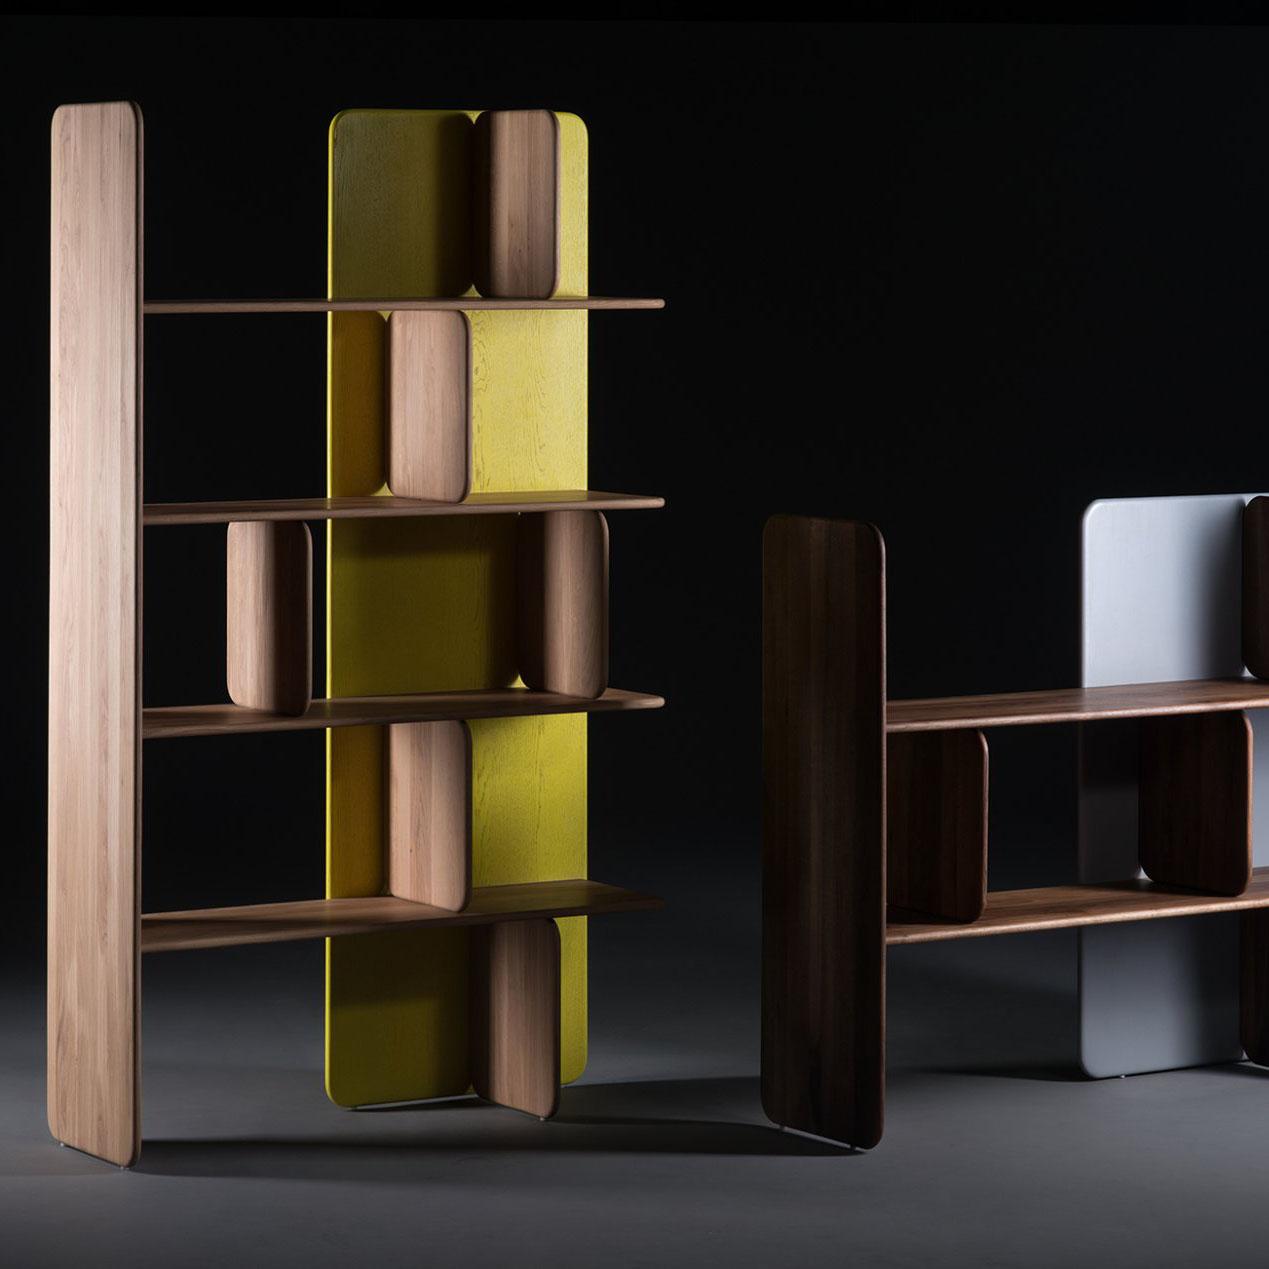 Mueble Modular Doft, diseño en madera, vanguardista y artesano